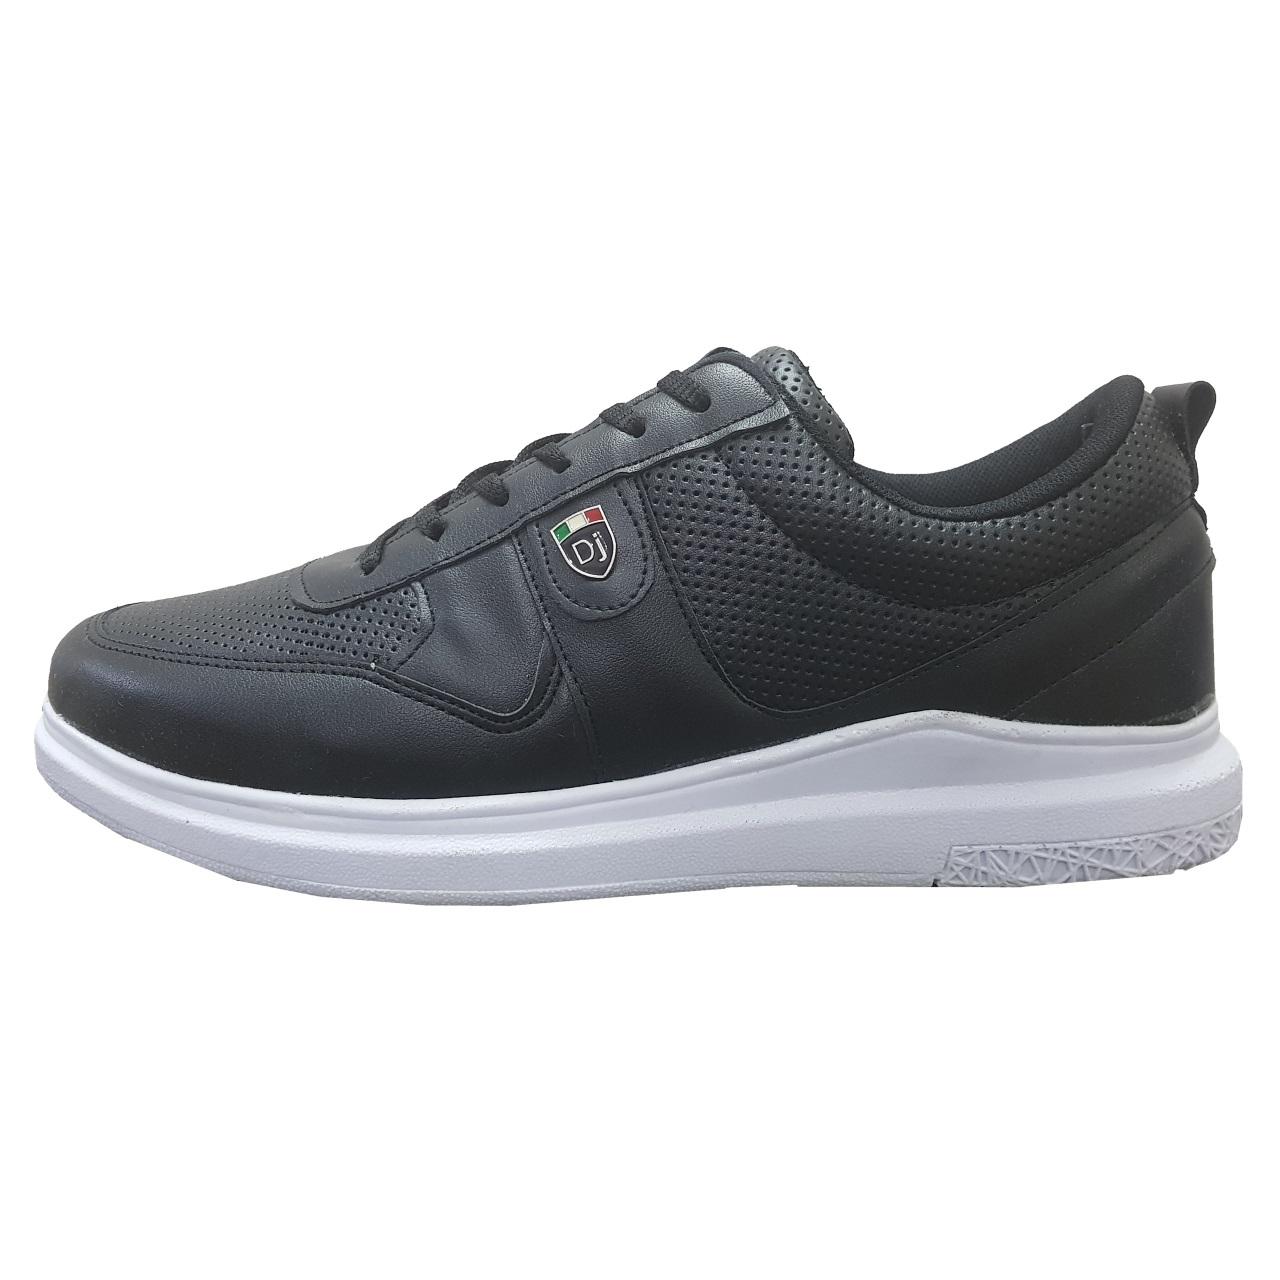 کفش مخصوص پیاده روی مردانه مدل زامورا کد 4177